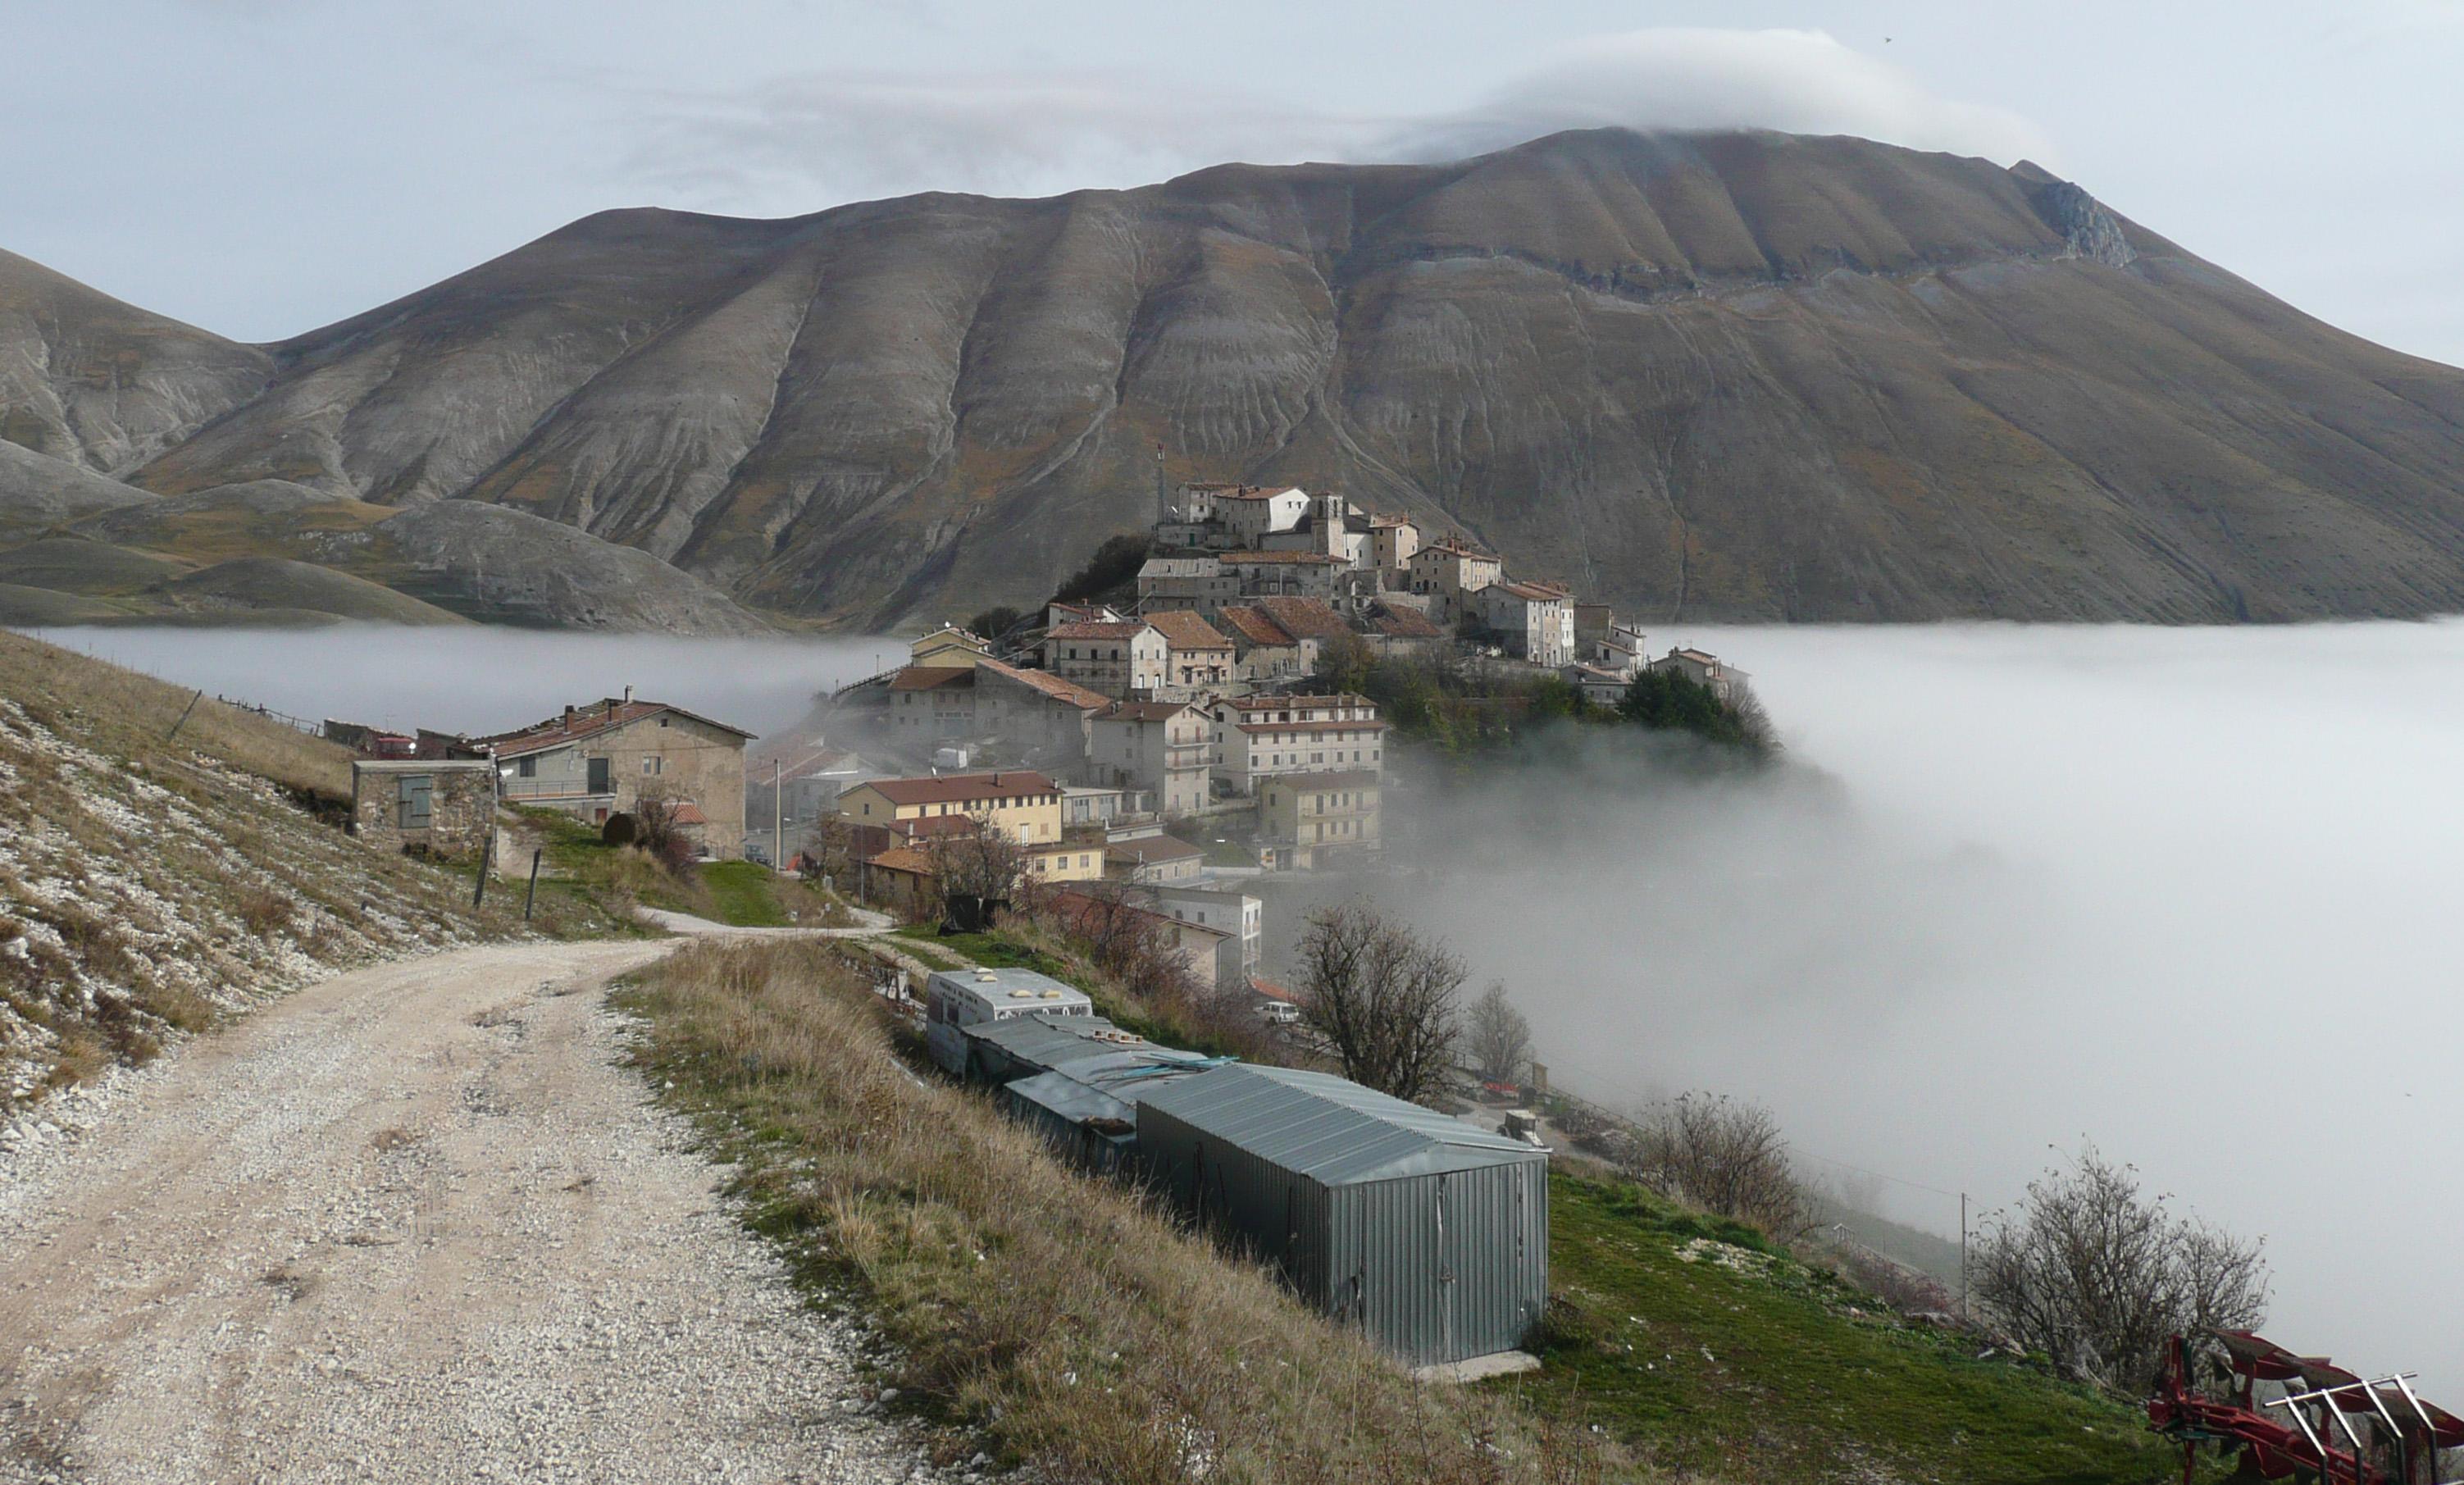 FileCastelluccio, Monte Vettore.jpg Wikimedia Commons